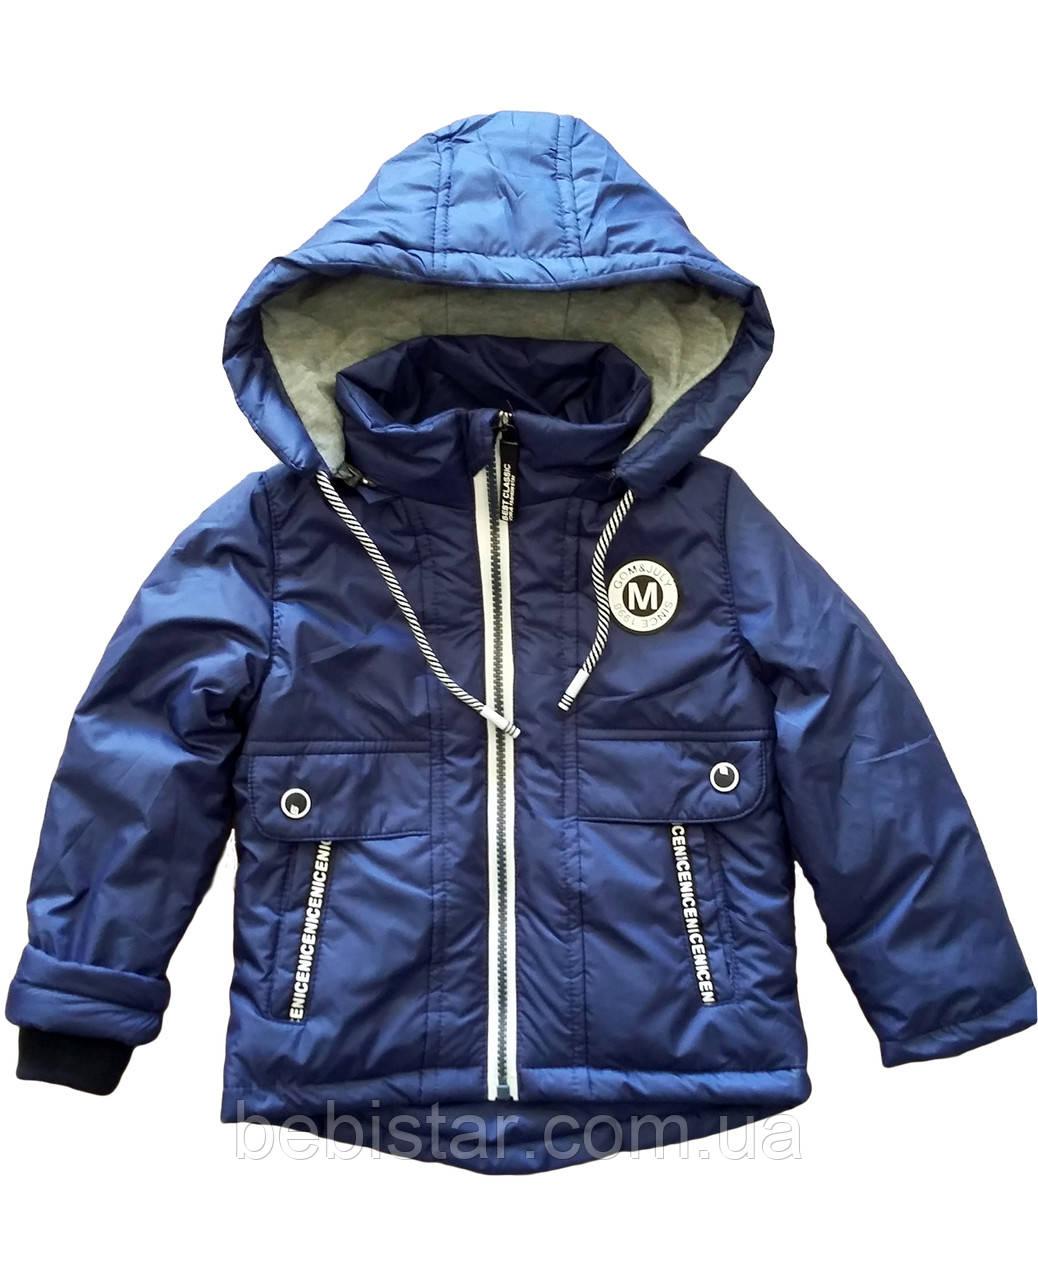 Куртка весенняя для мальчика 2-3 года